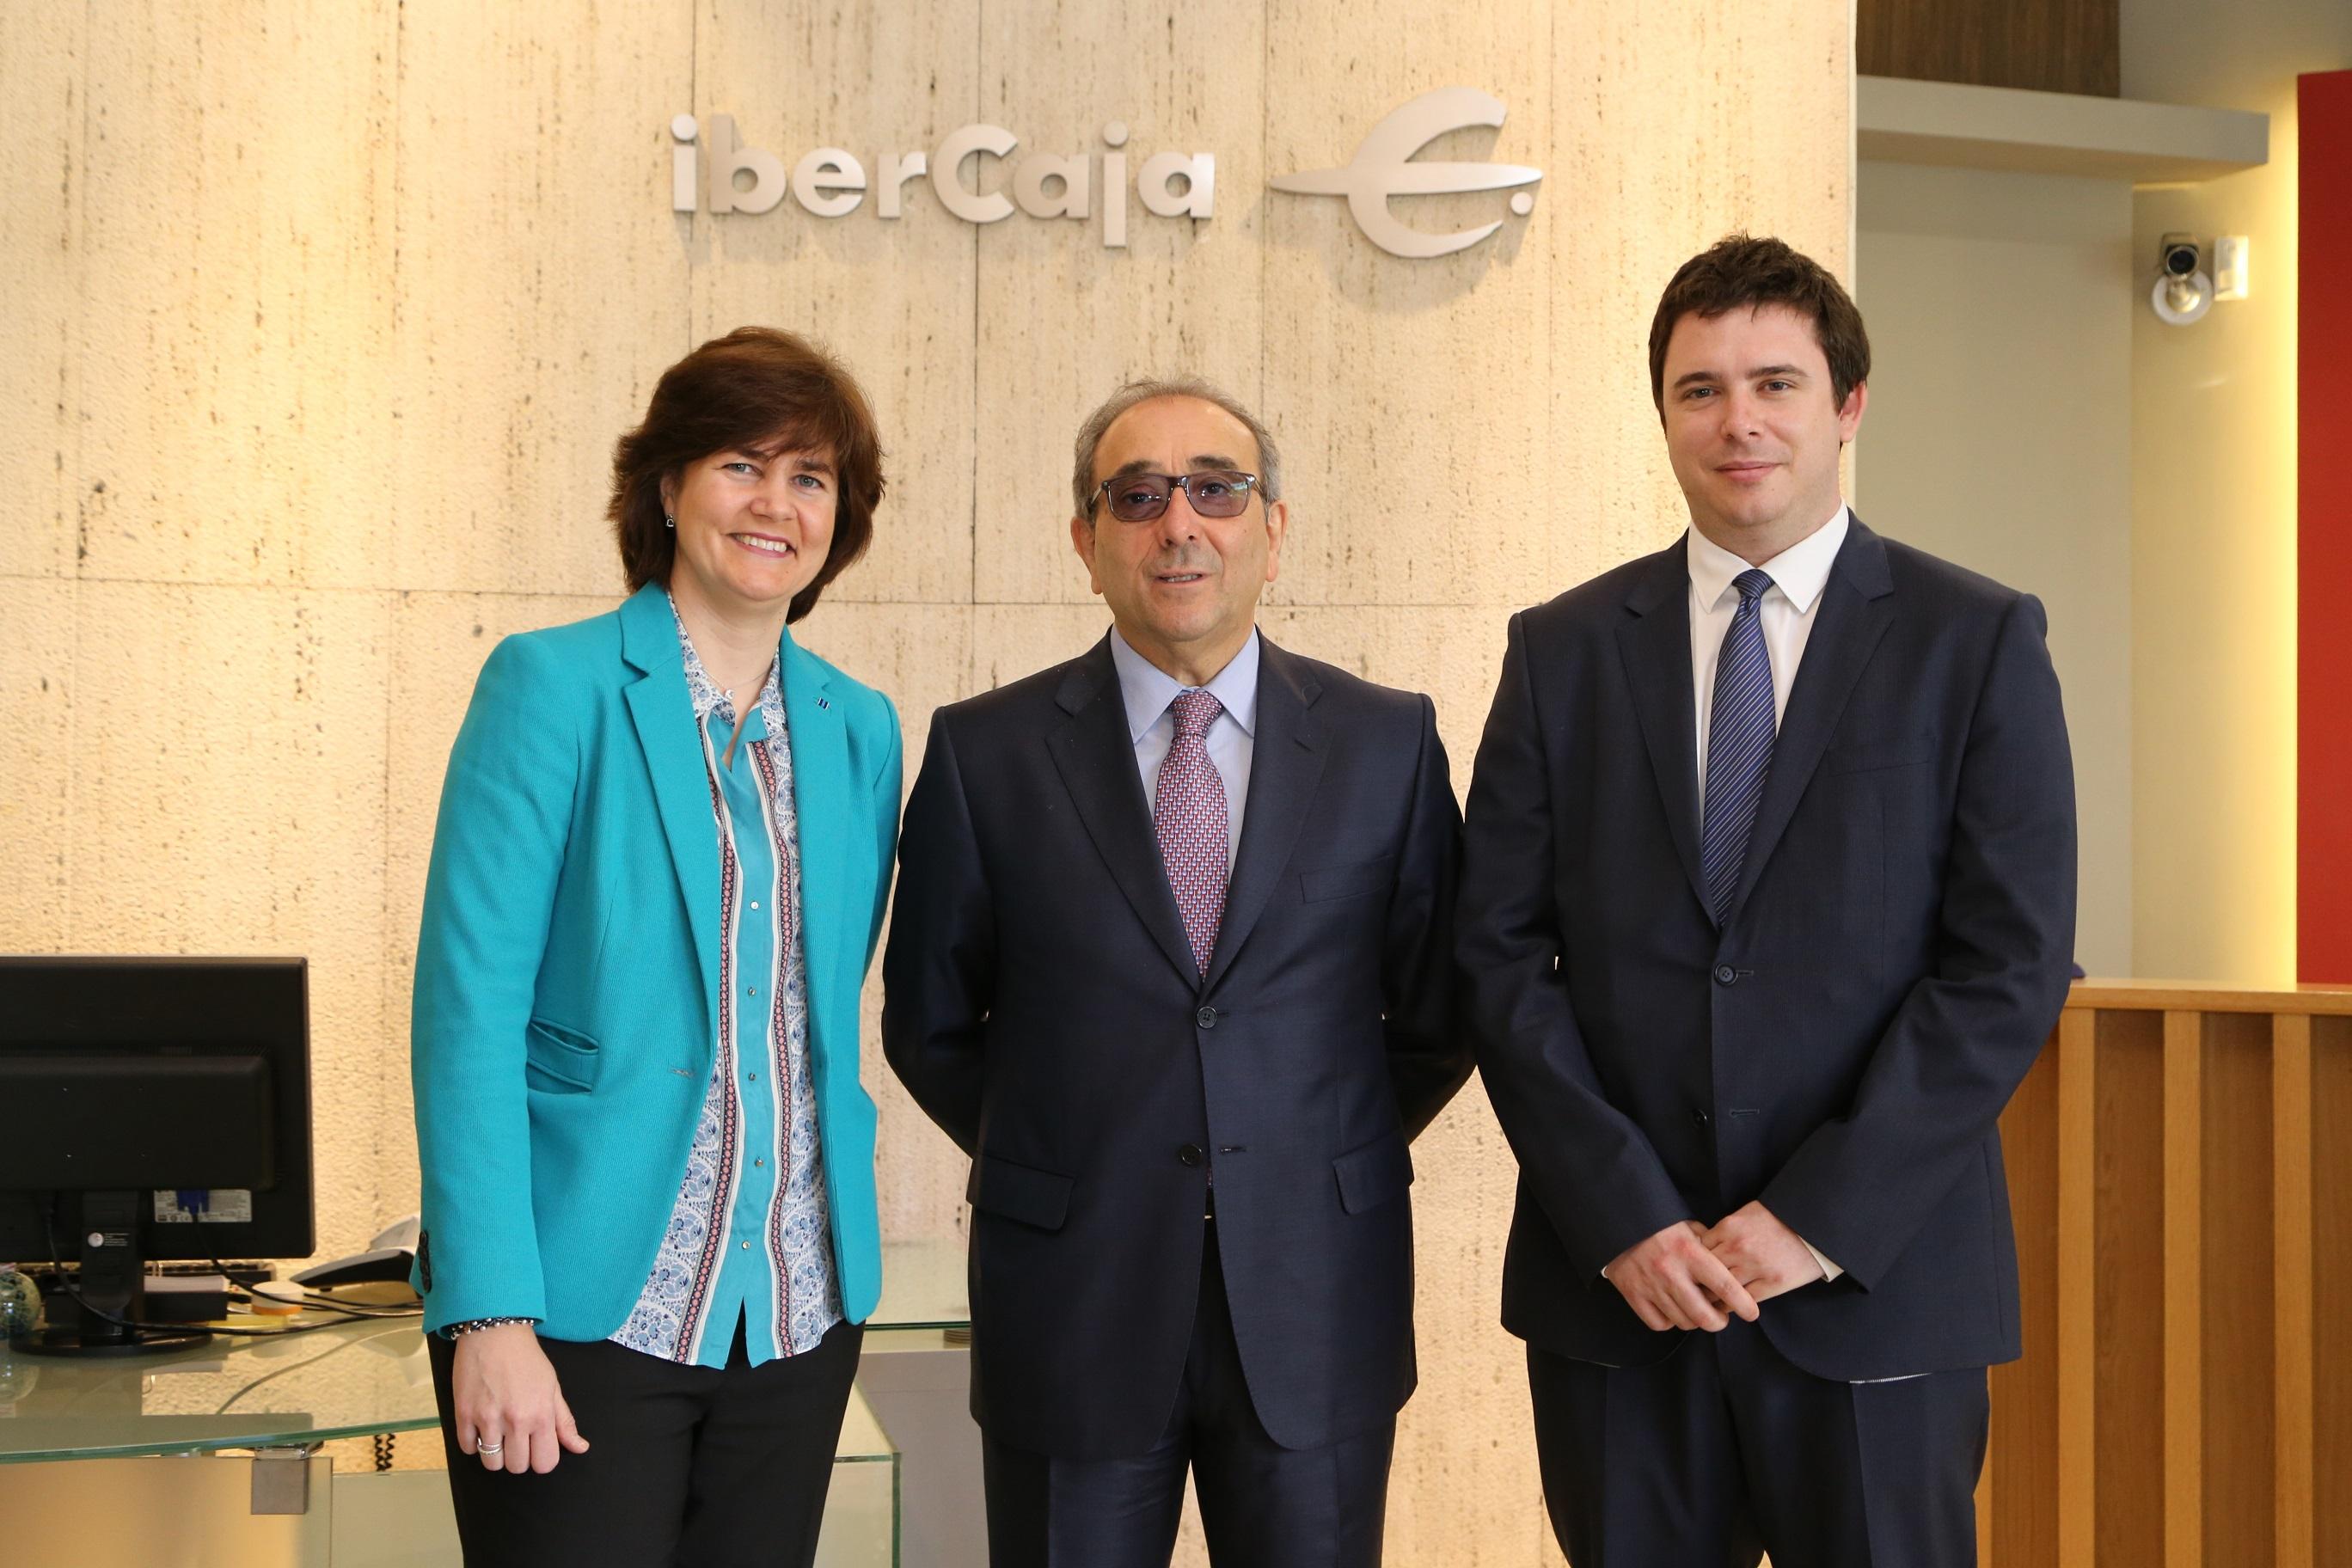 El negocio de banca privada de ibercaja supera los - Oficinas ibercaja barcelona ...